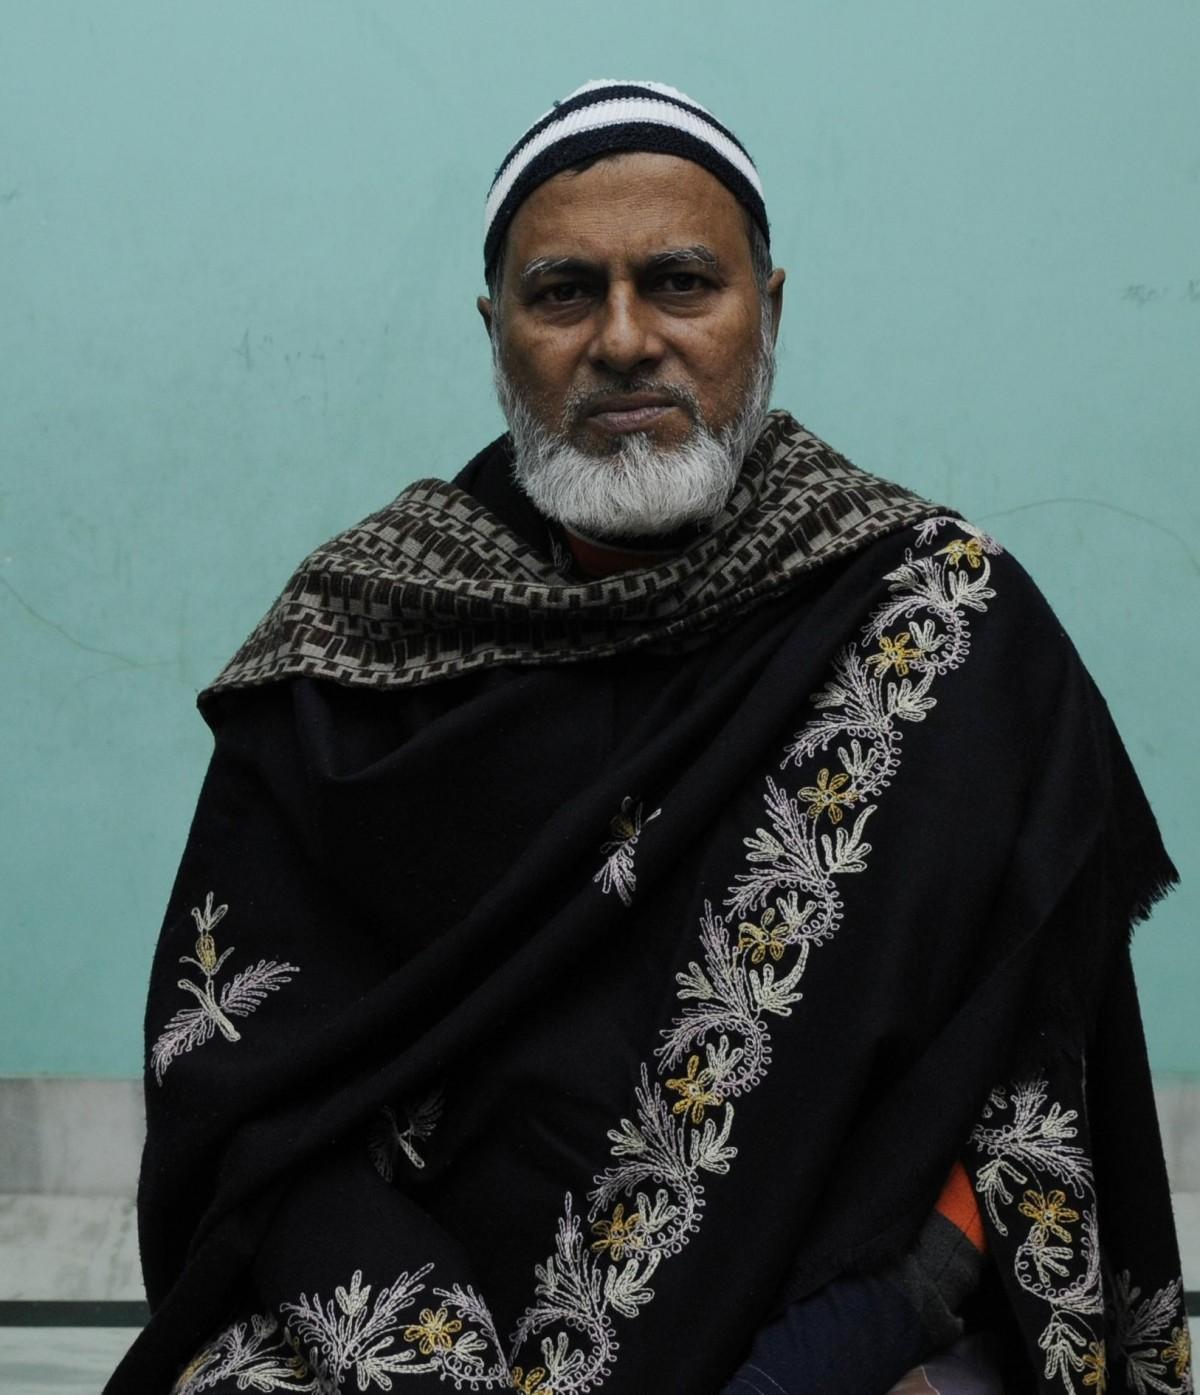 N Masroor Biswas father of Mehdi Masroor Biswas